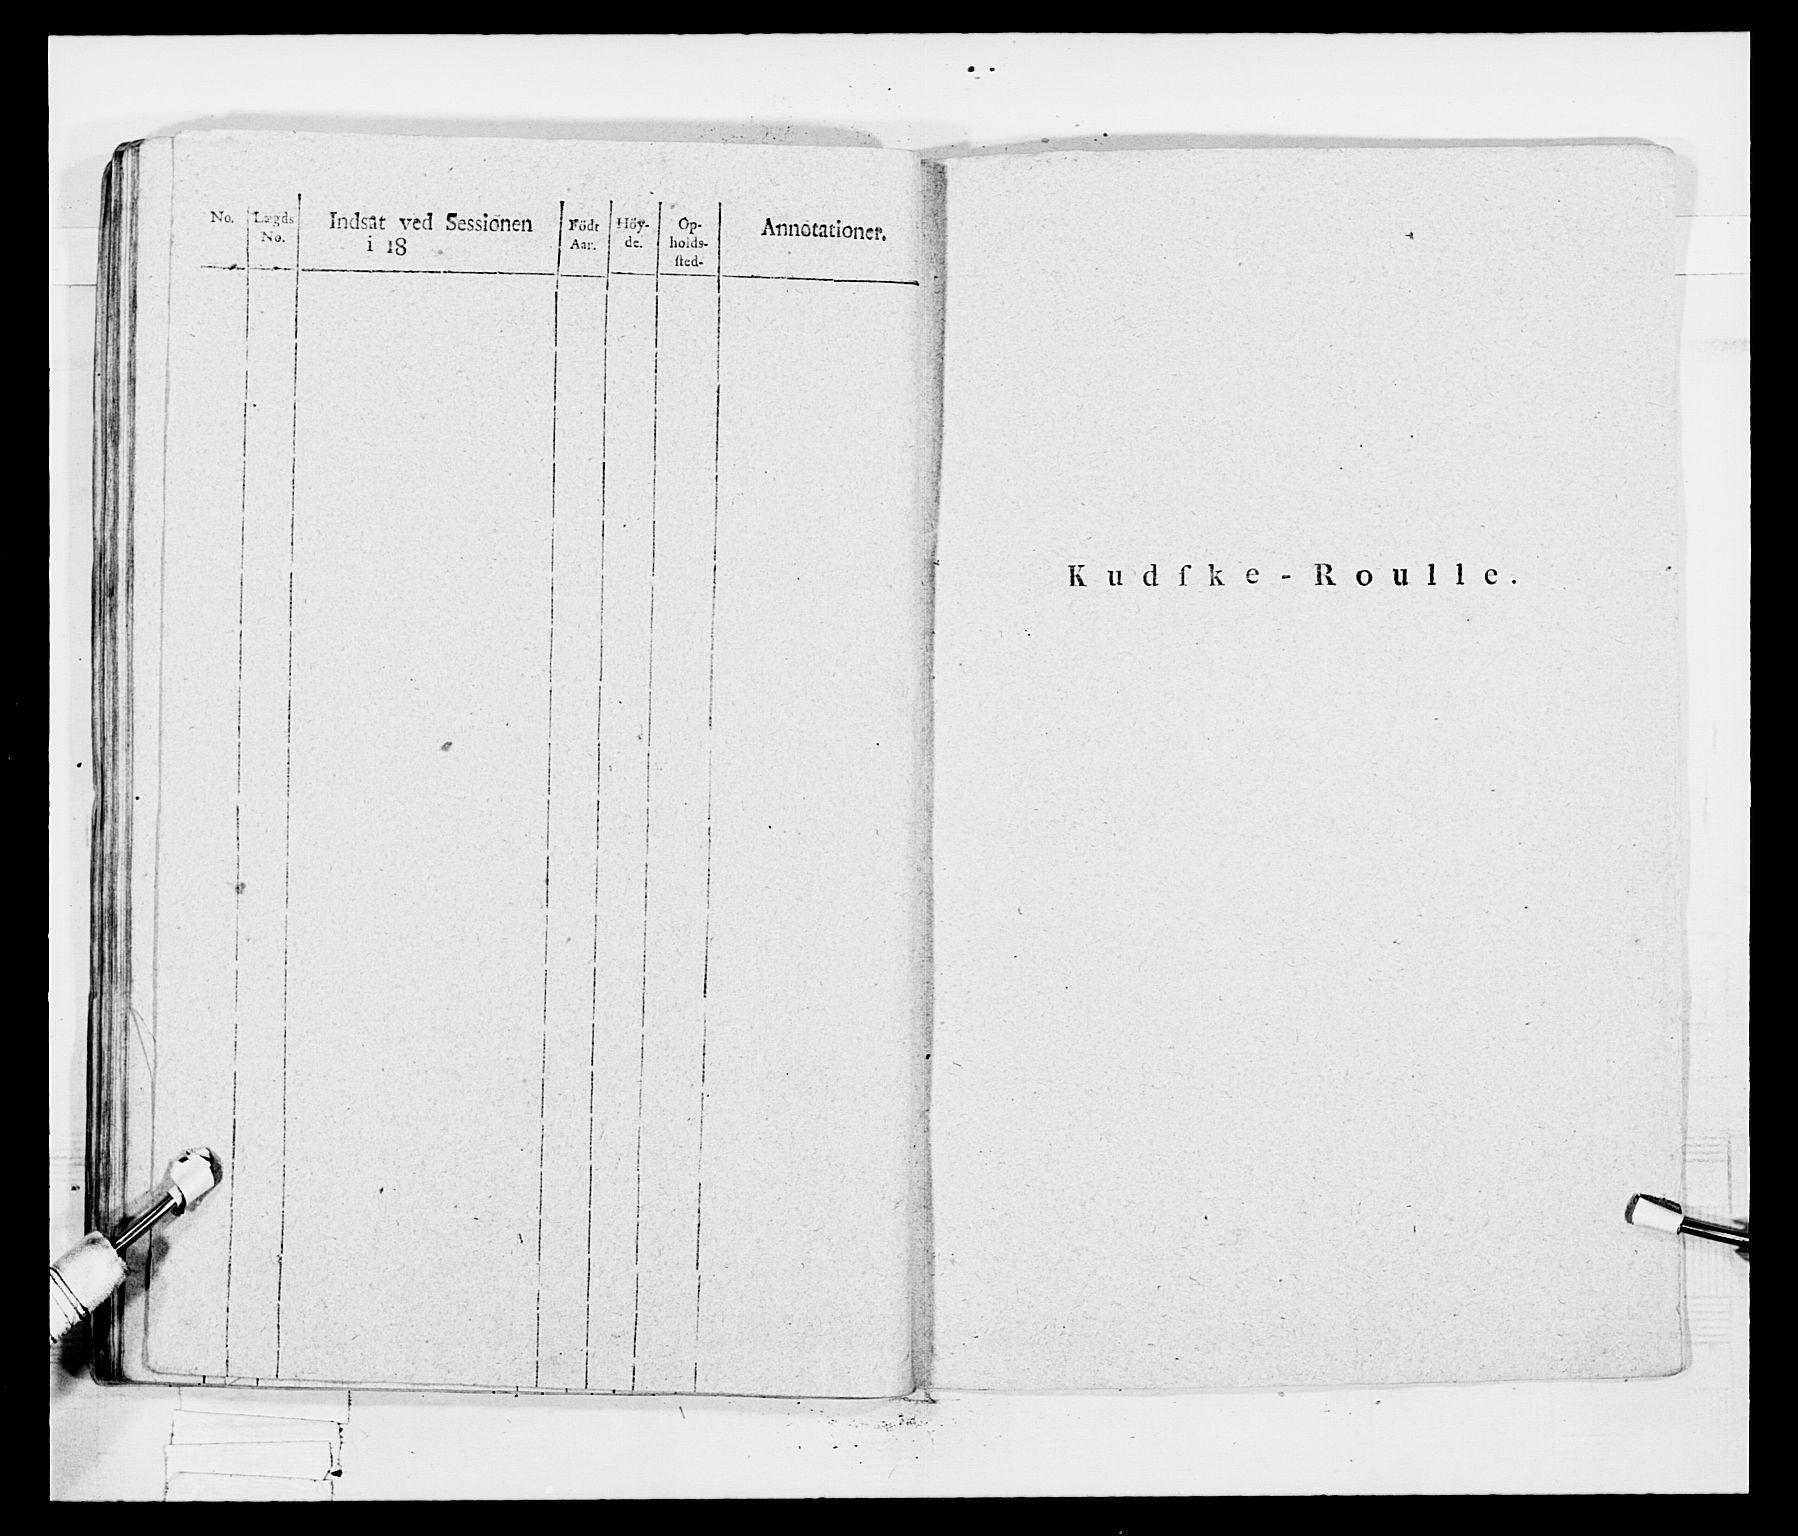 RA, Generalitets- og kommissariatskollegiet, Det kongelige norske kommissariatskollegium, E/Eh/L0047: 2. Akershusiske nasjonale infanteriregiment, 1791-1810, s. 625